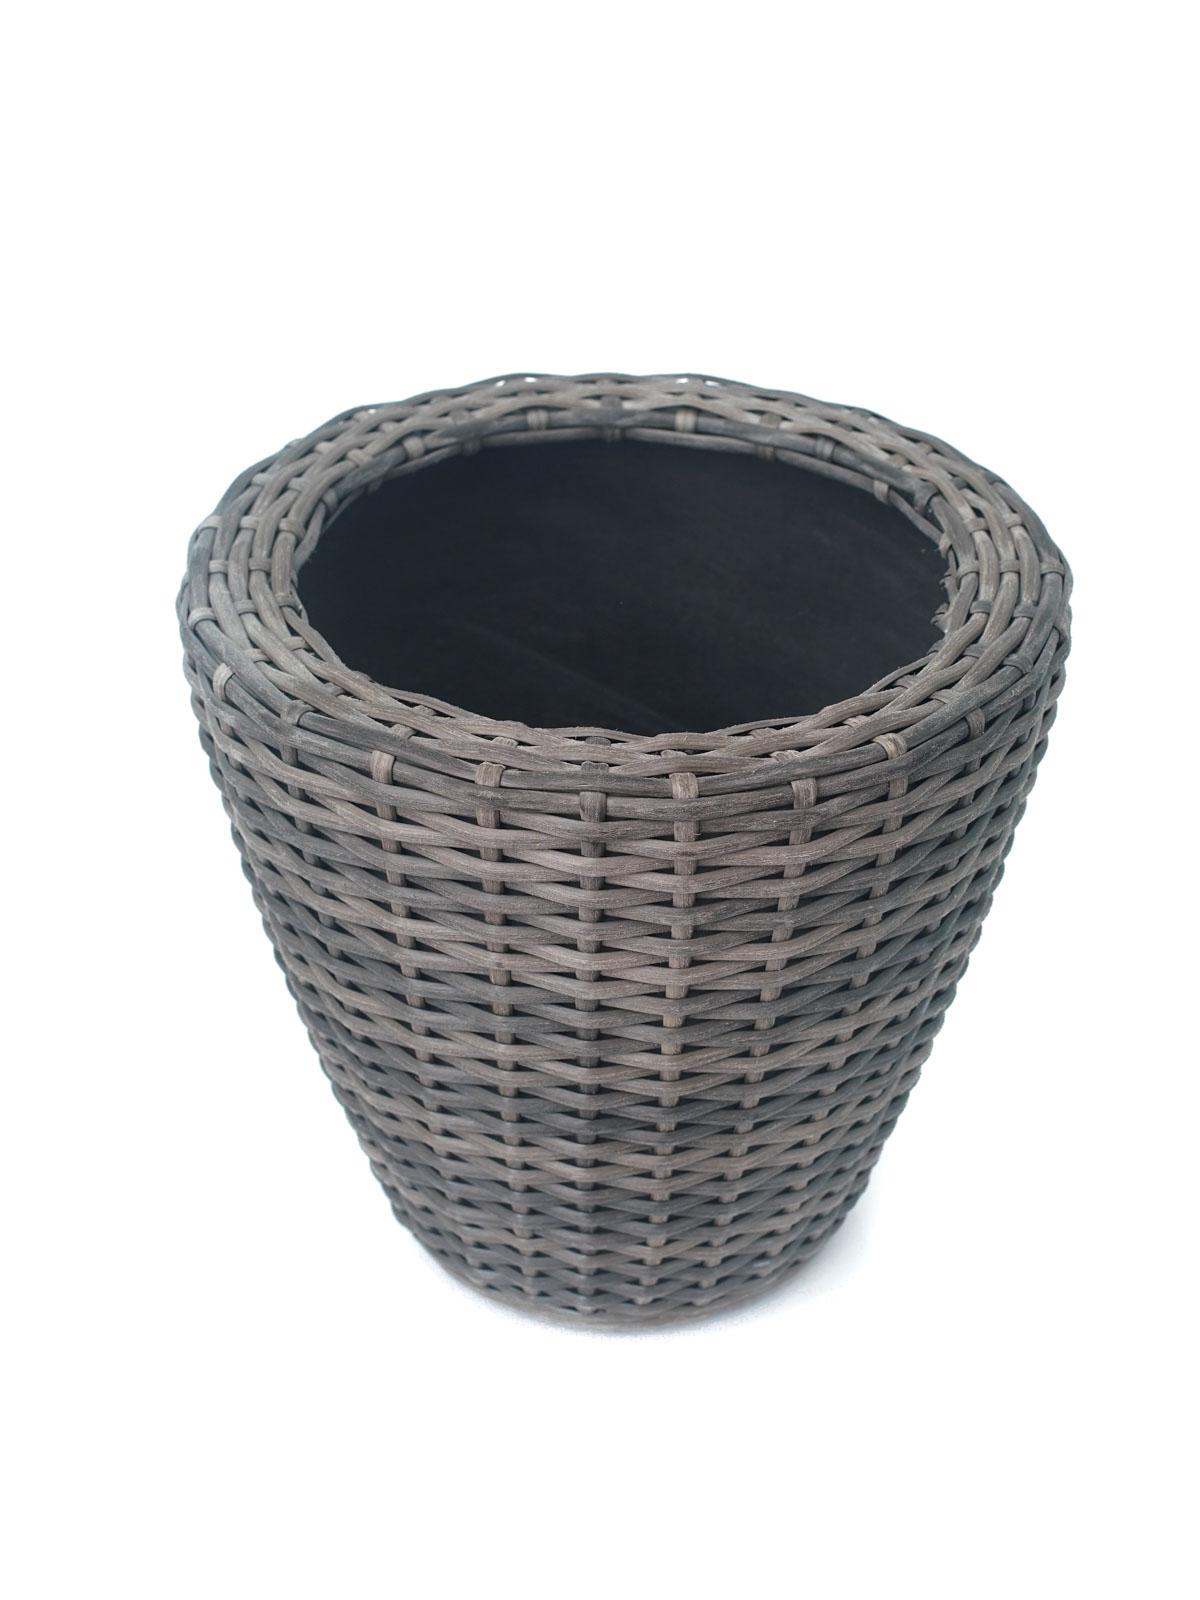 Pot Roto Wikr 39x70 Pots & Vases